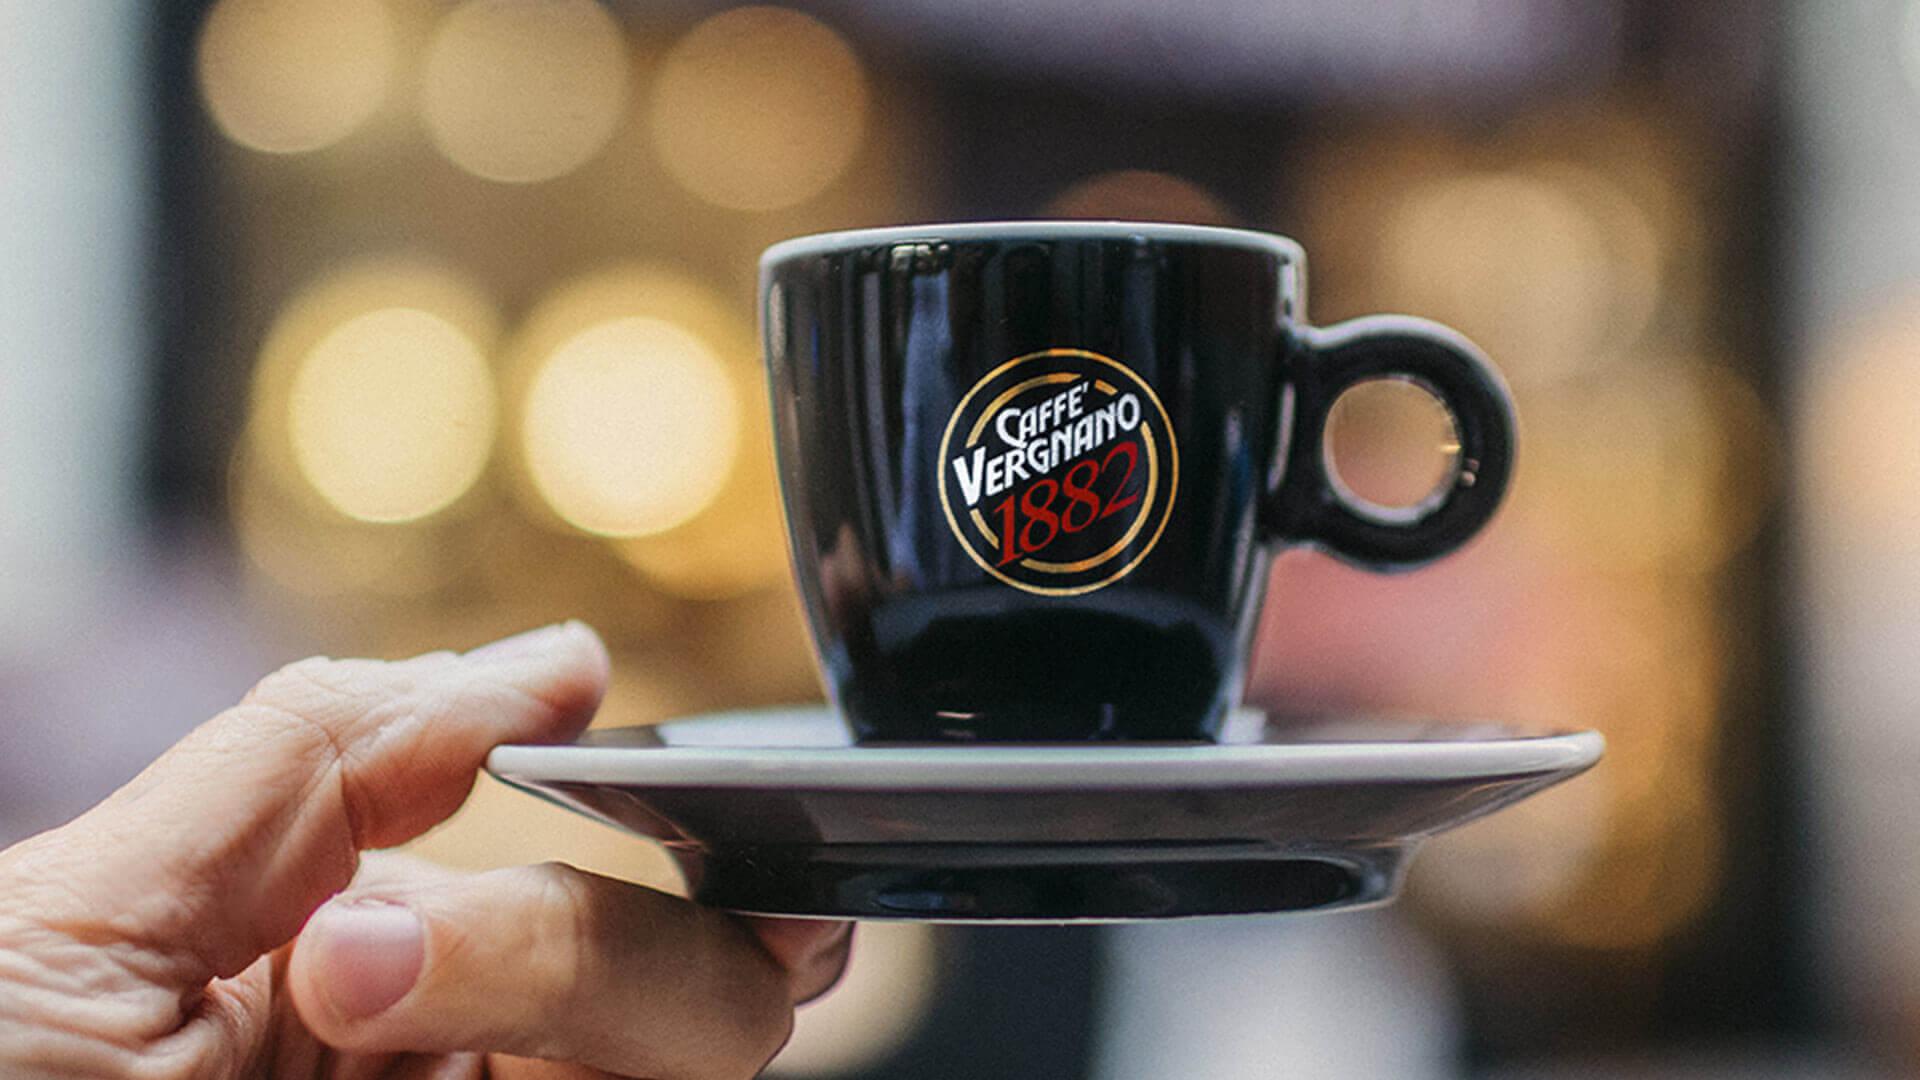 Caffè Vergnano Coca Cola